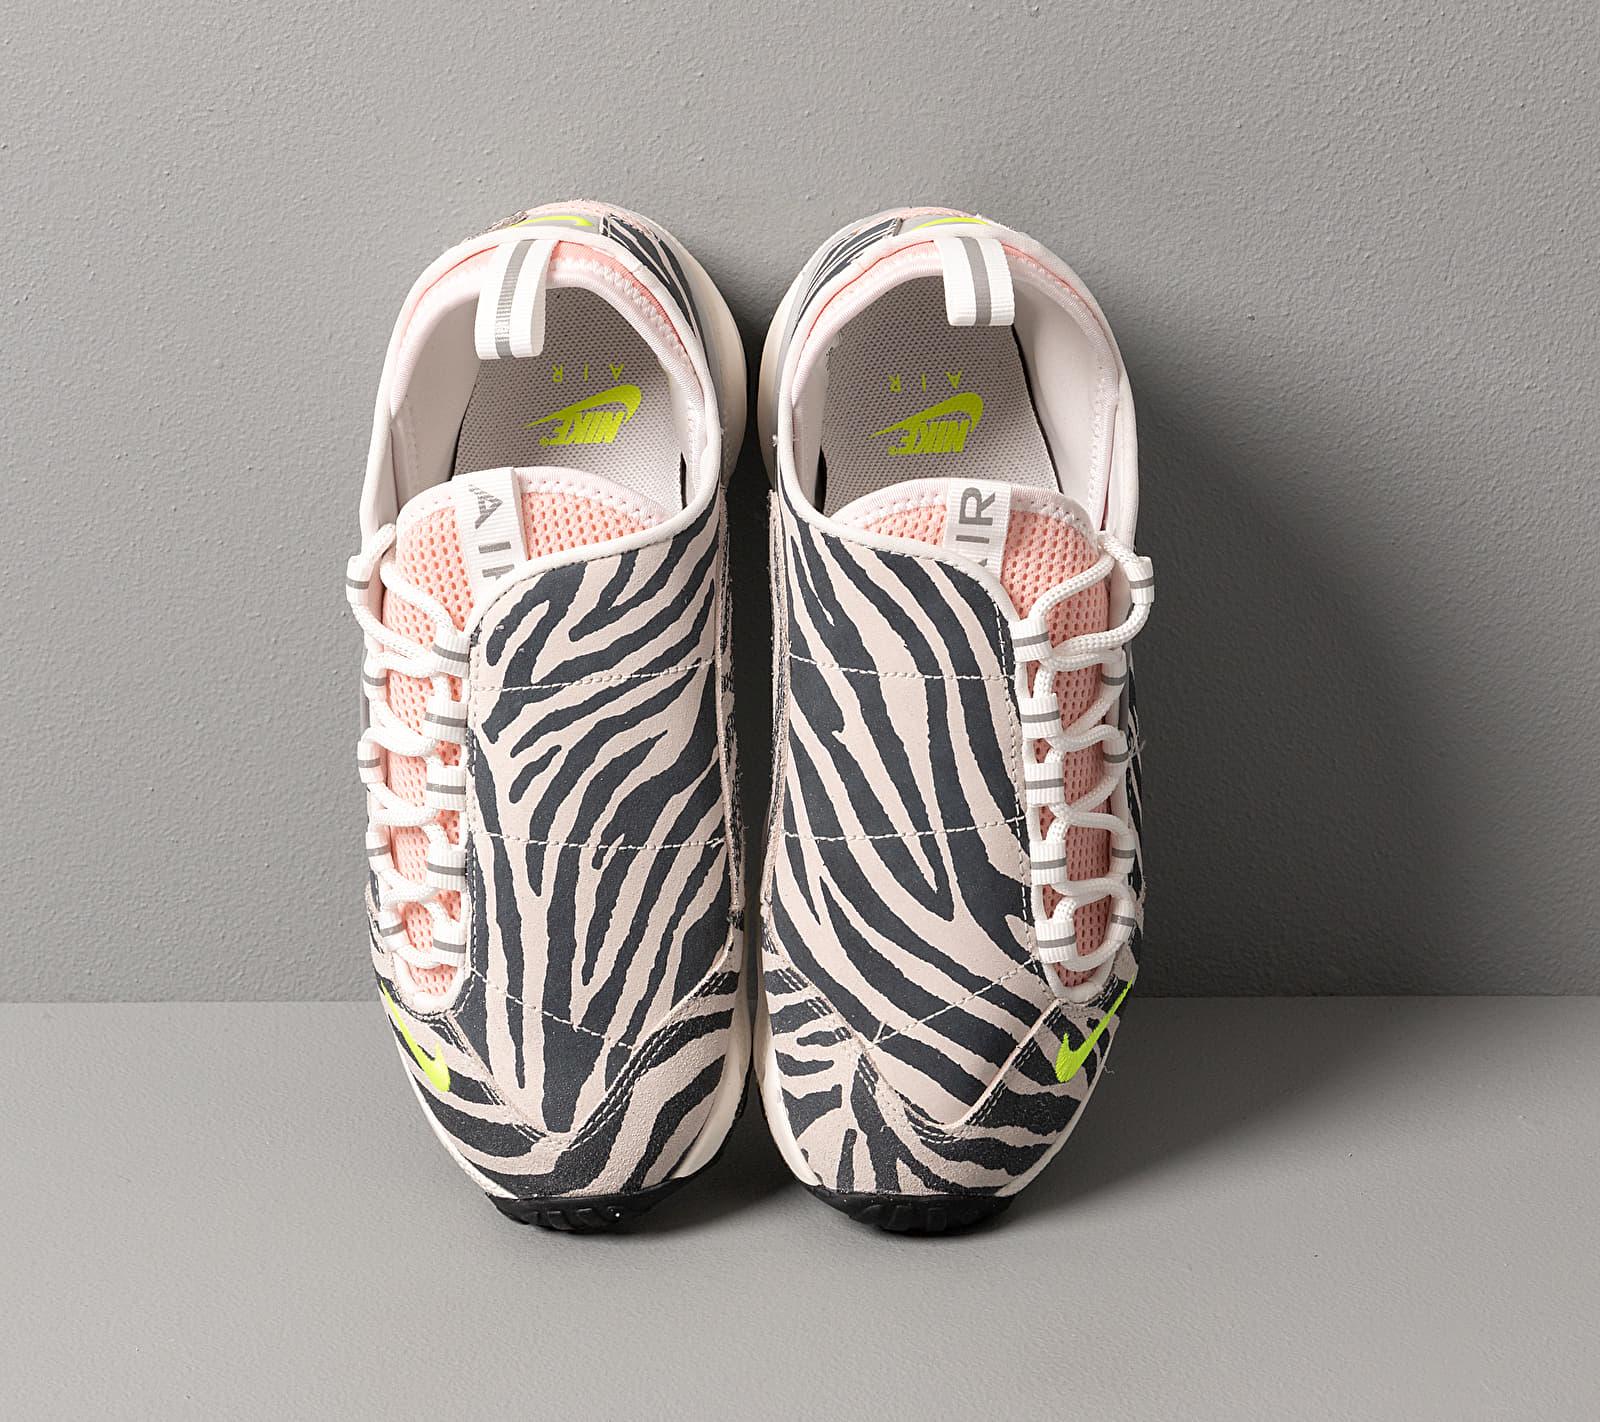 Nike x Olivia Kim W Air Footscape Nxn Summit White/ Volt-Bleached Coral-Black, Brown